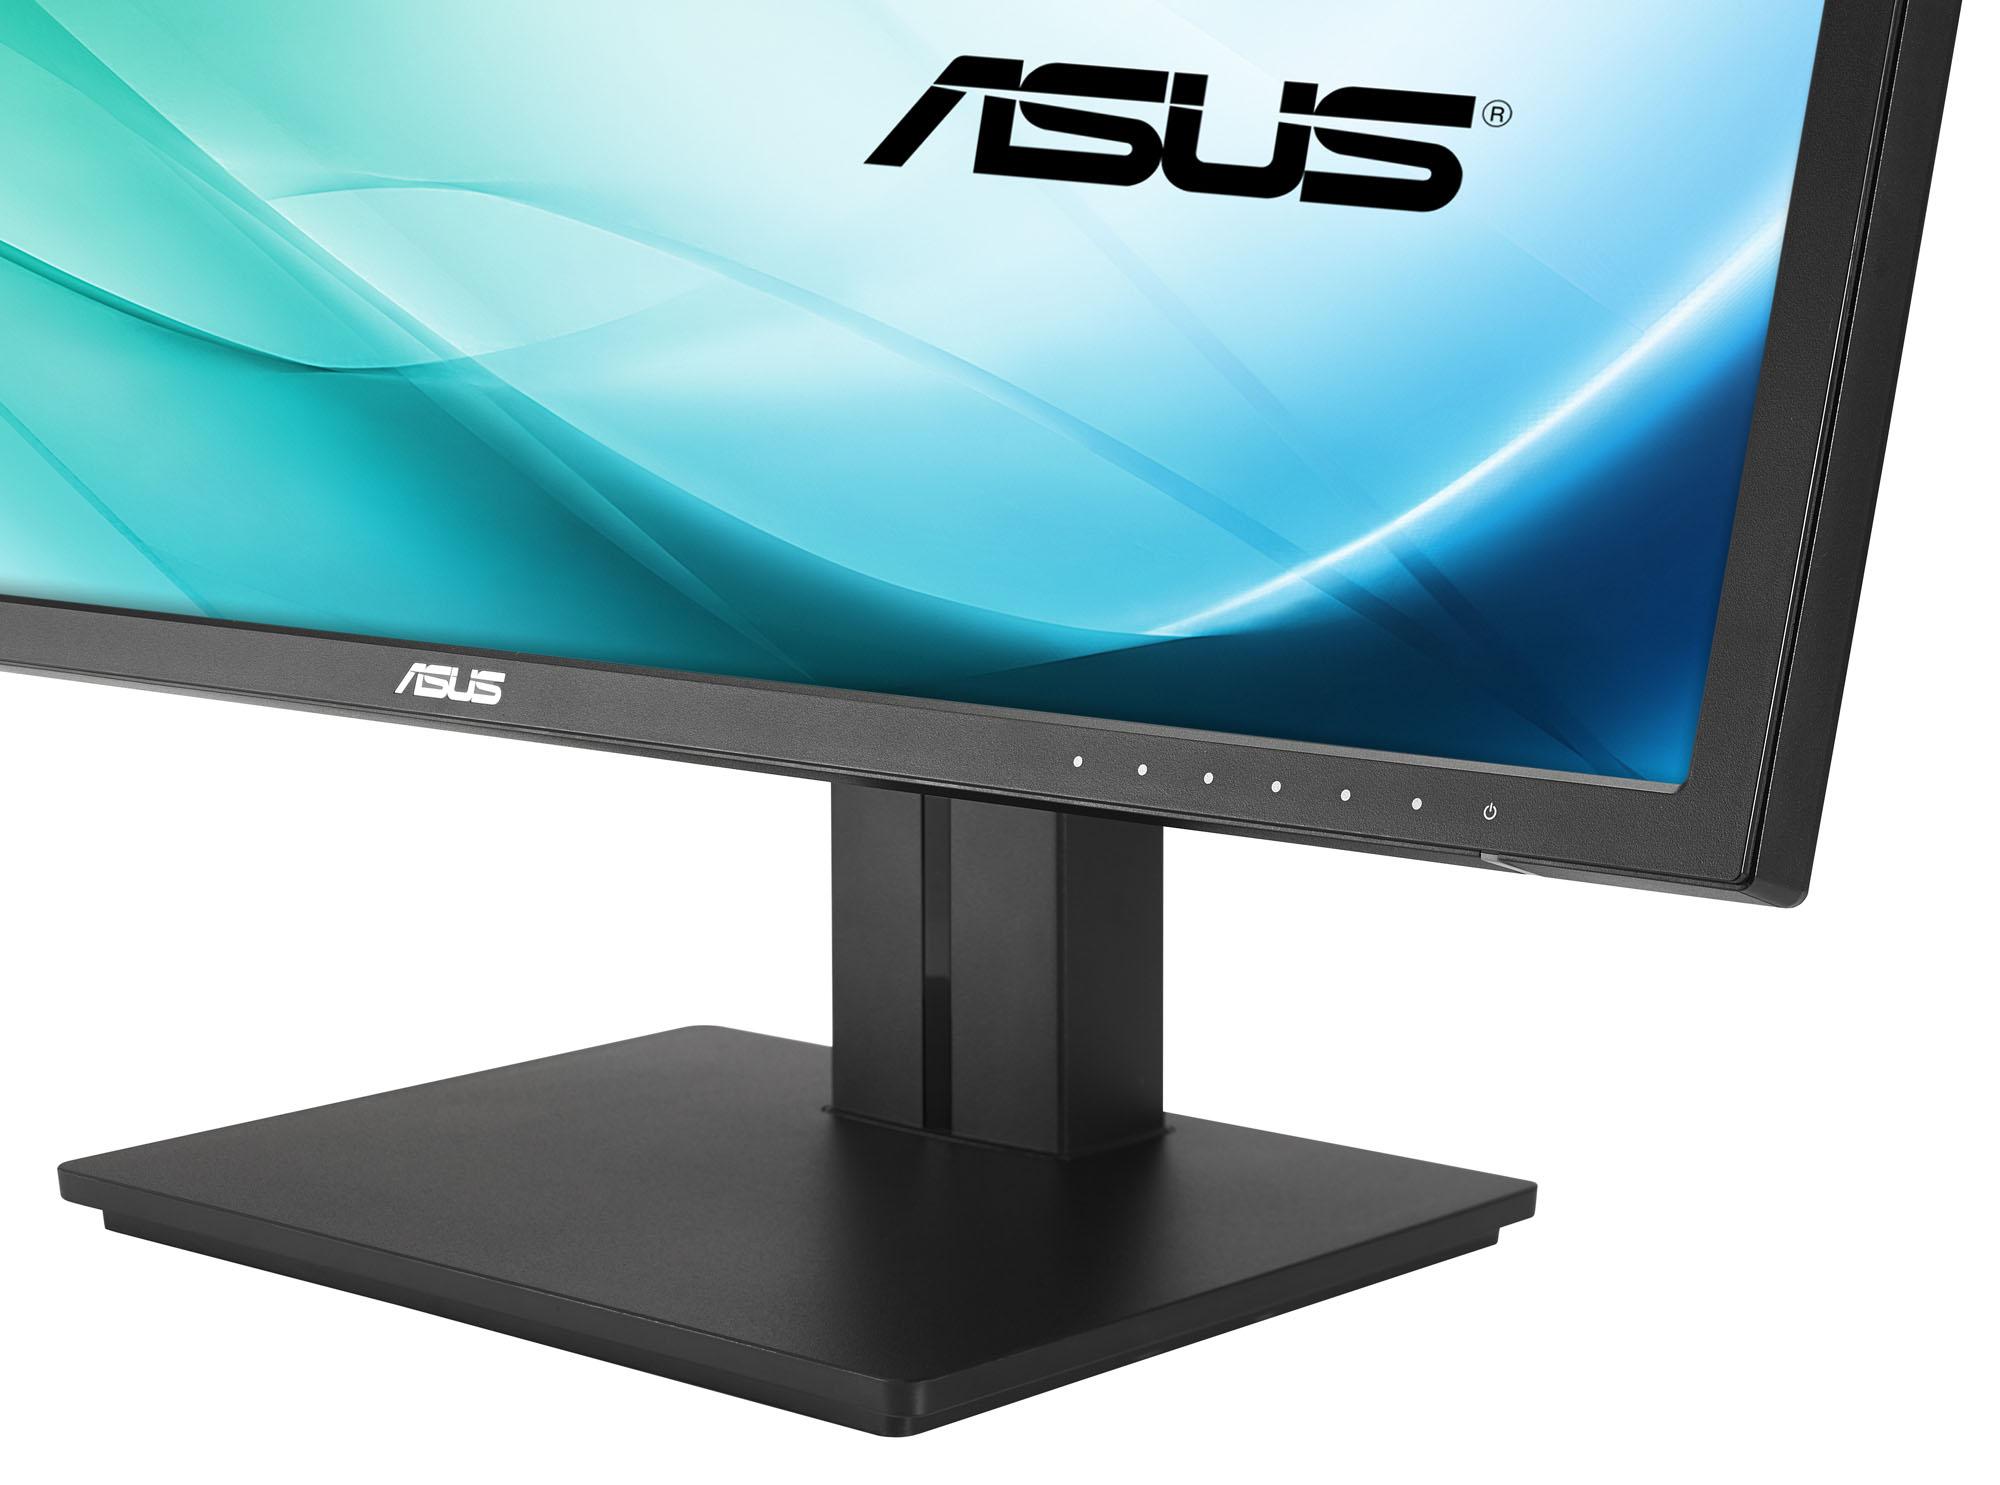 Asus PB287Q Monitor: Setup and Calibration Walk-Through